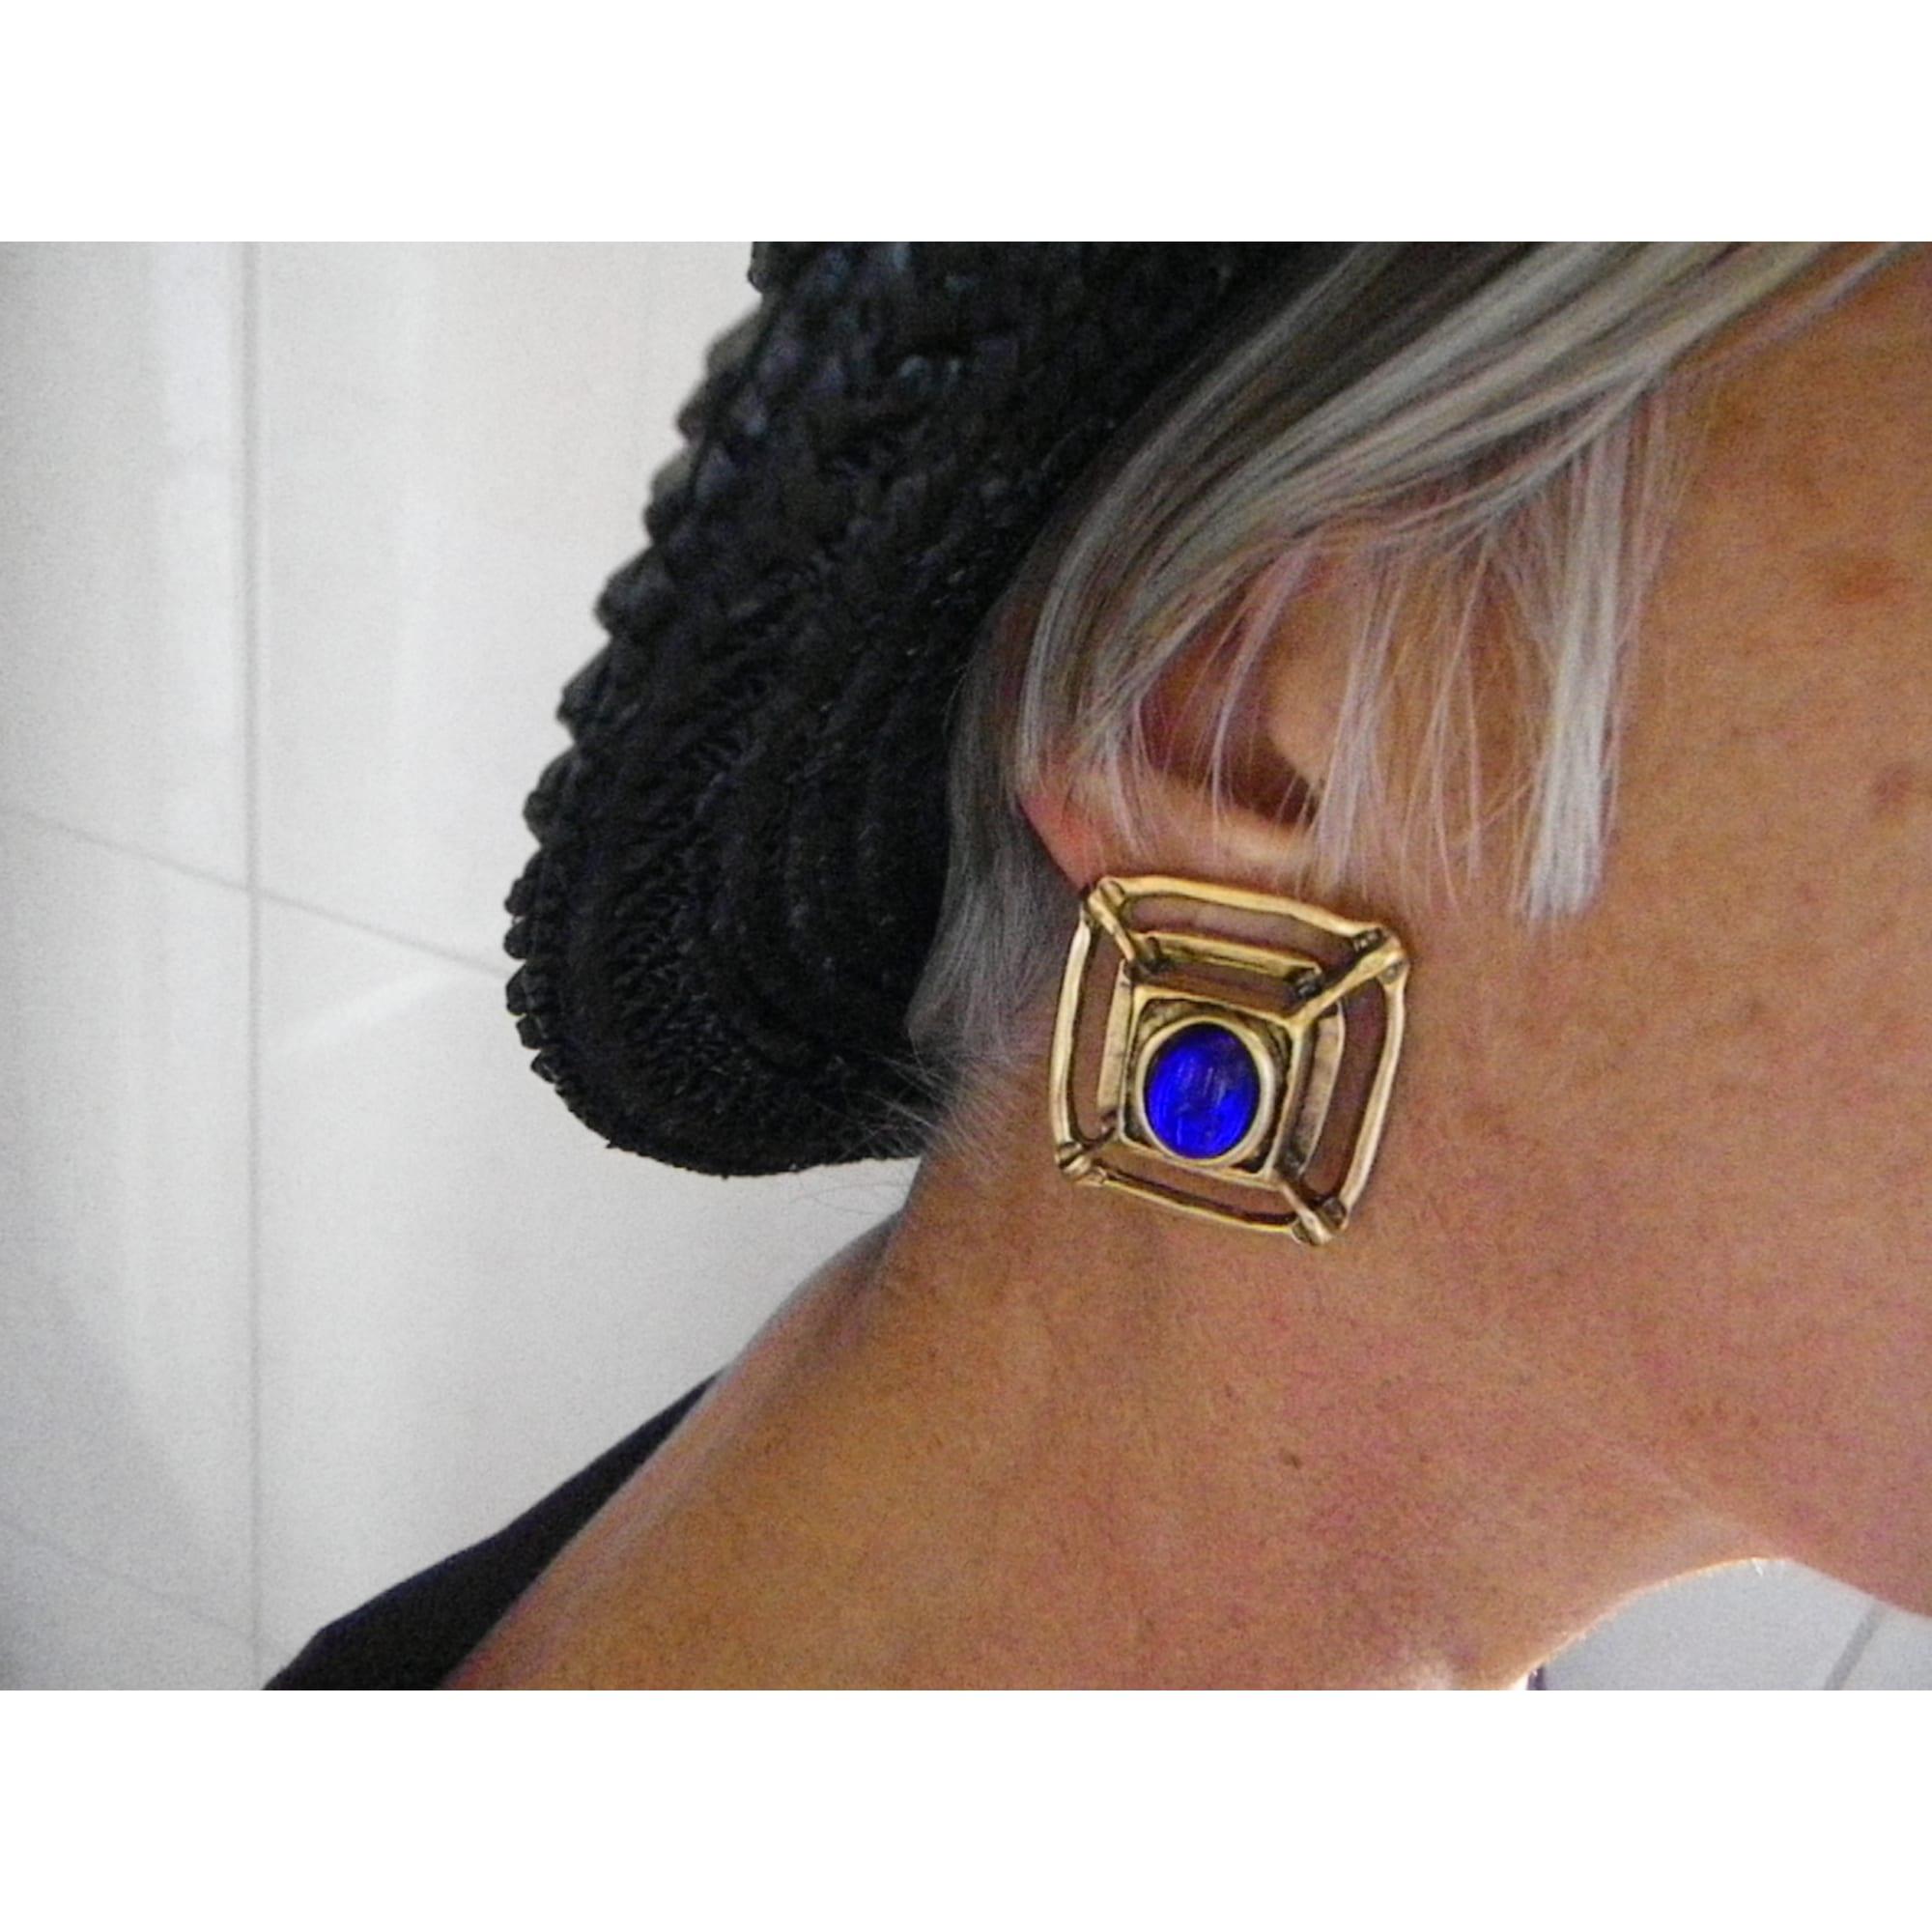 Boucles d'oreille ENTRE-GUILLEMETS métal doré